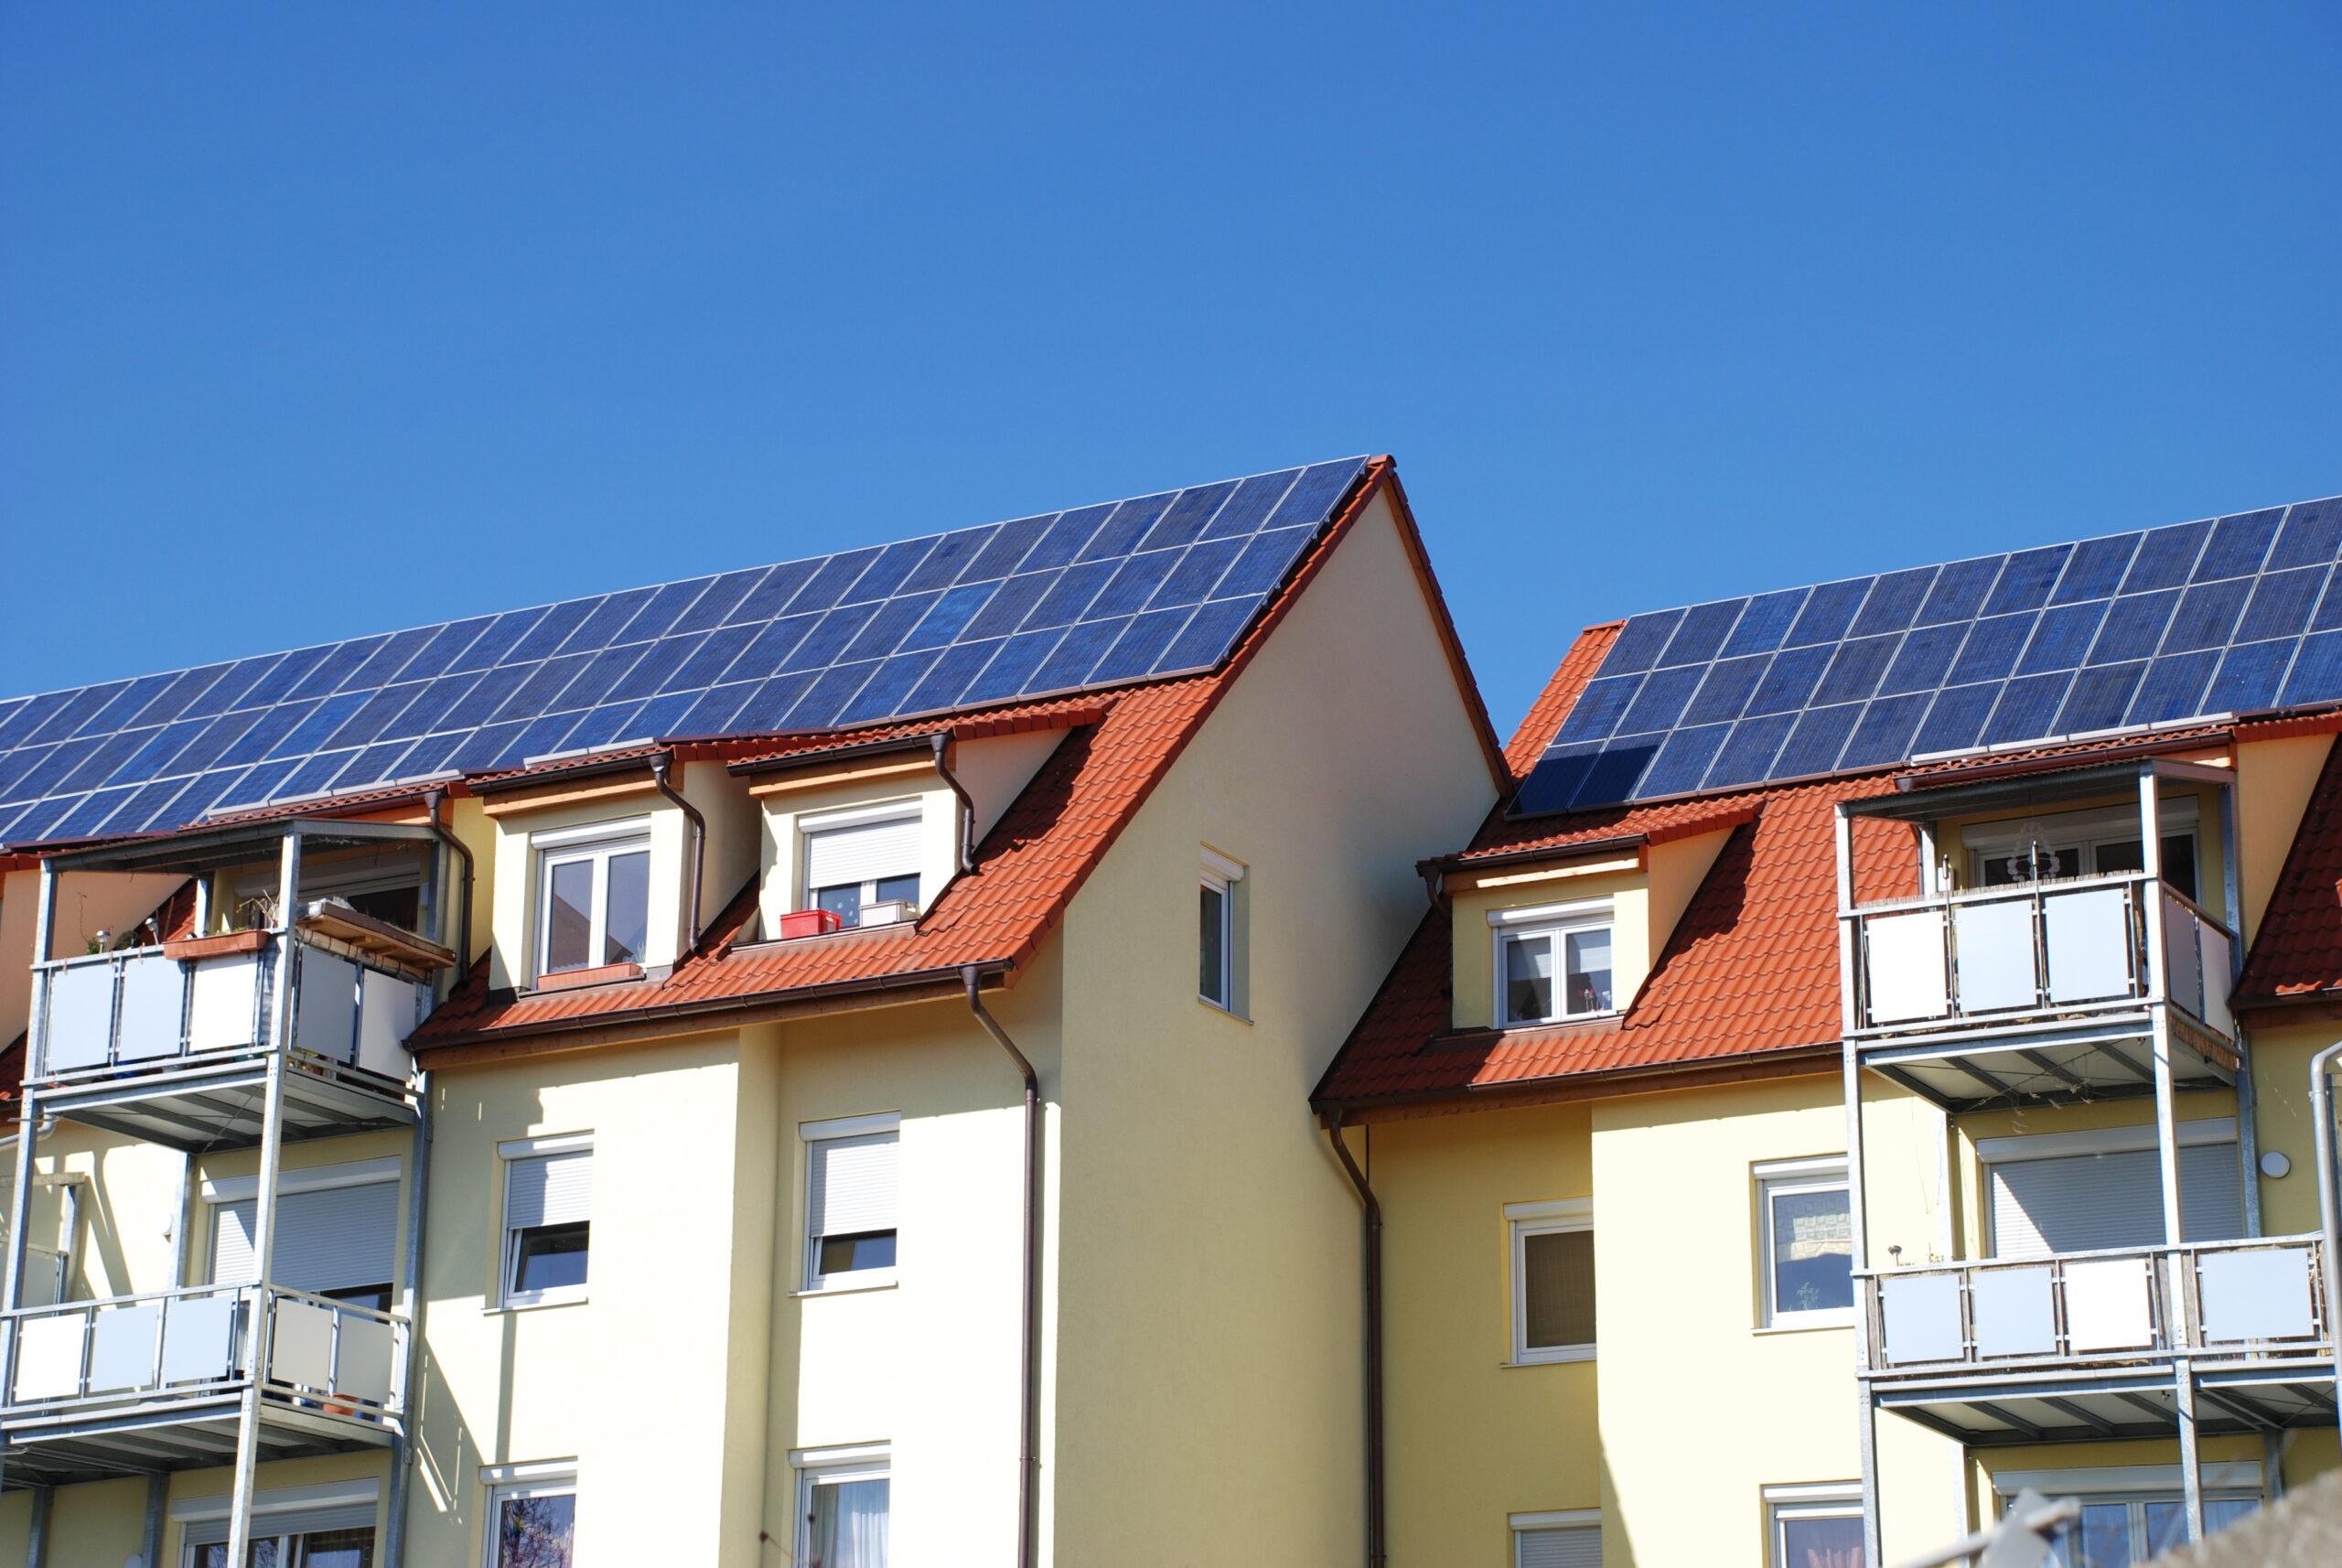 Tak, flerfamiljshus, solceller